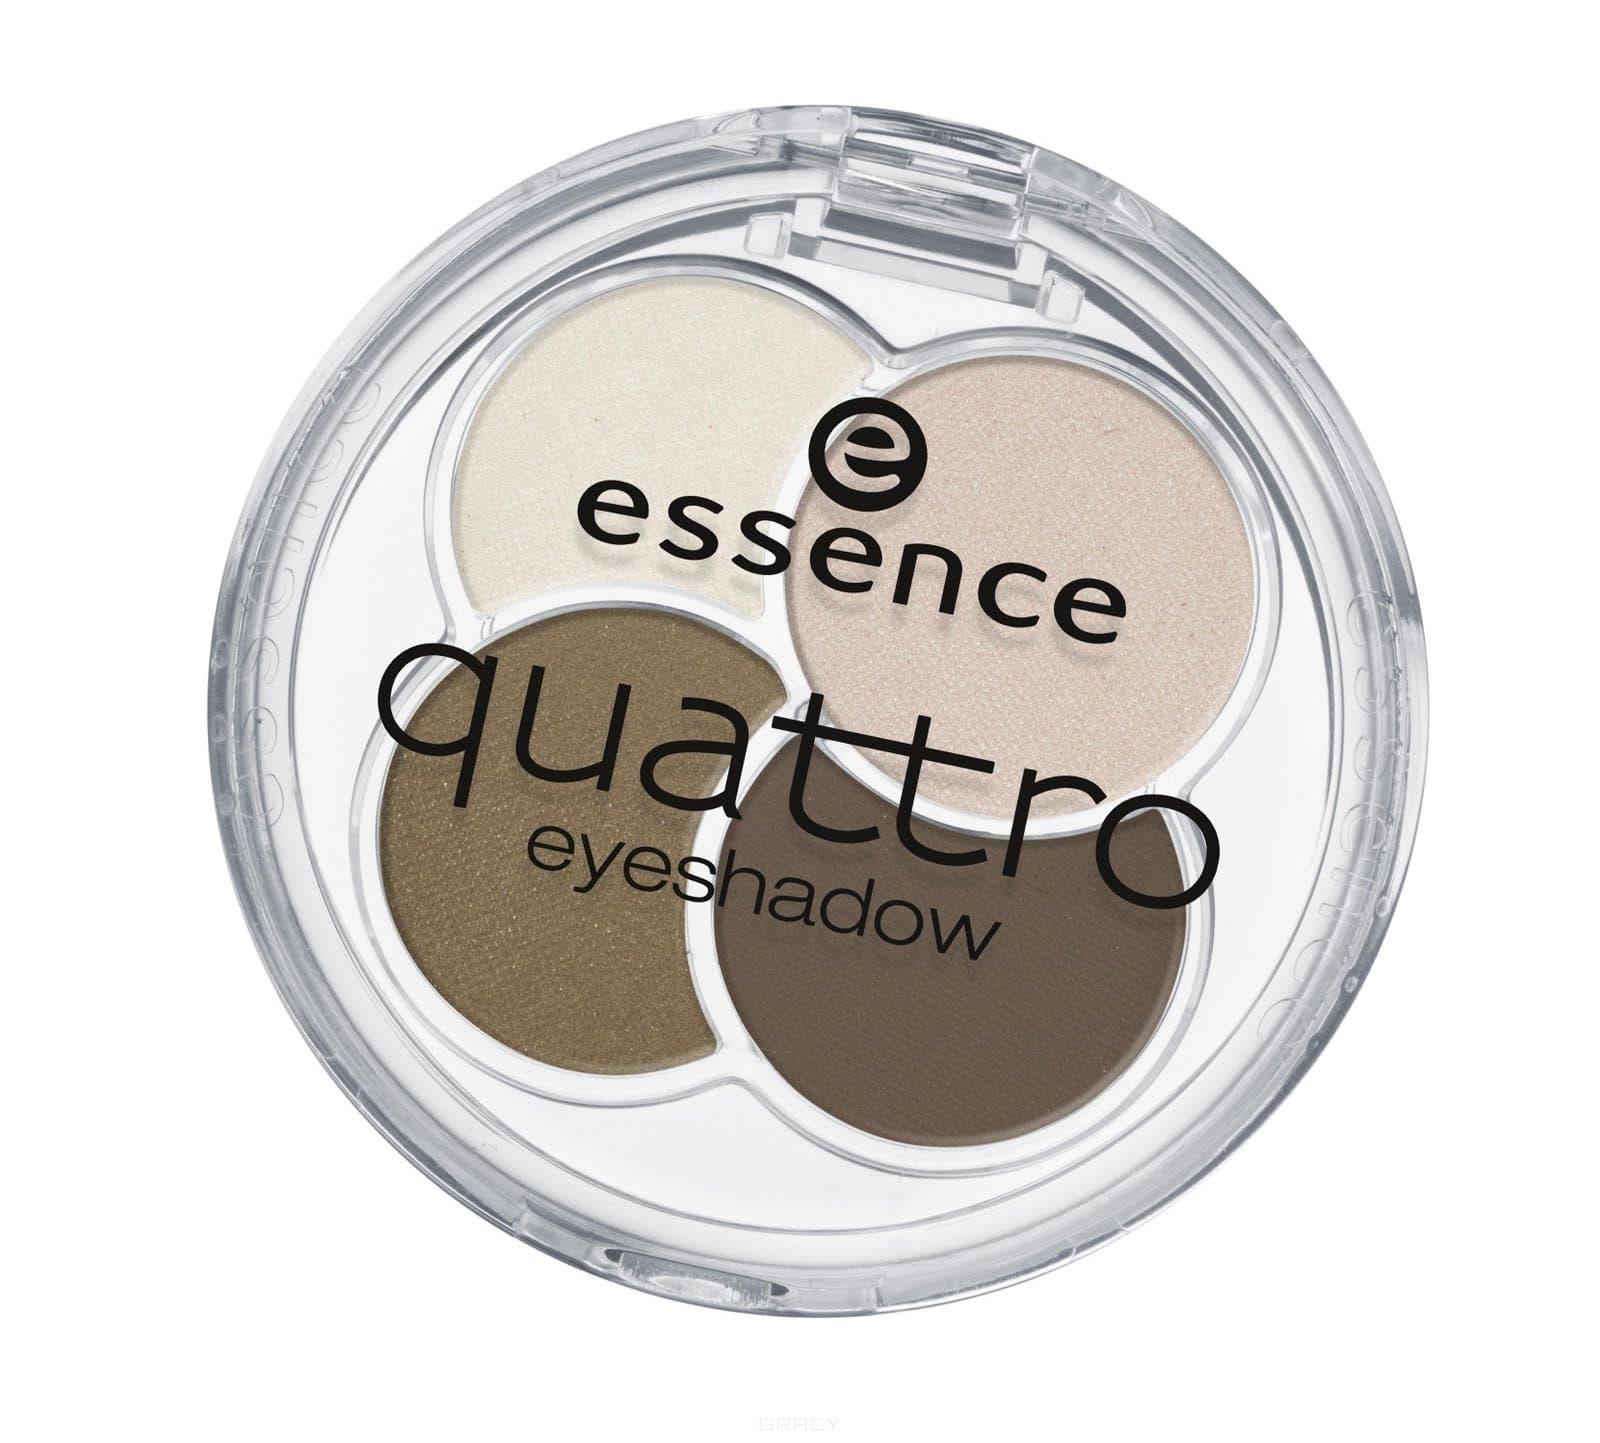 Тени для век Quattro Eyeshadow, 5 грОписание:&#13;<br> &#13;<br> Сочетание четырех восхитительных оттенков позволят создать любой тип макияжа – утонченный дневной или изысканный вечерний. Шелковистая текстура идеально сохраняются в течение всего дня.<br>